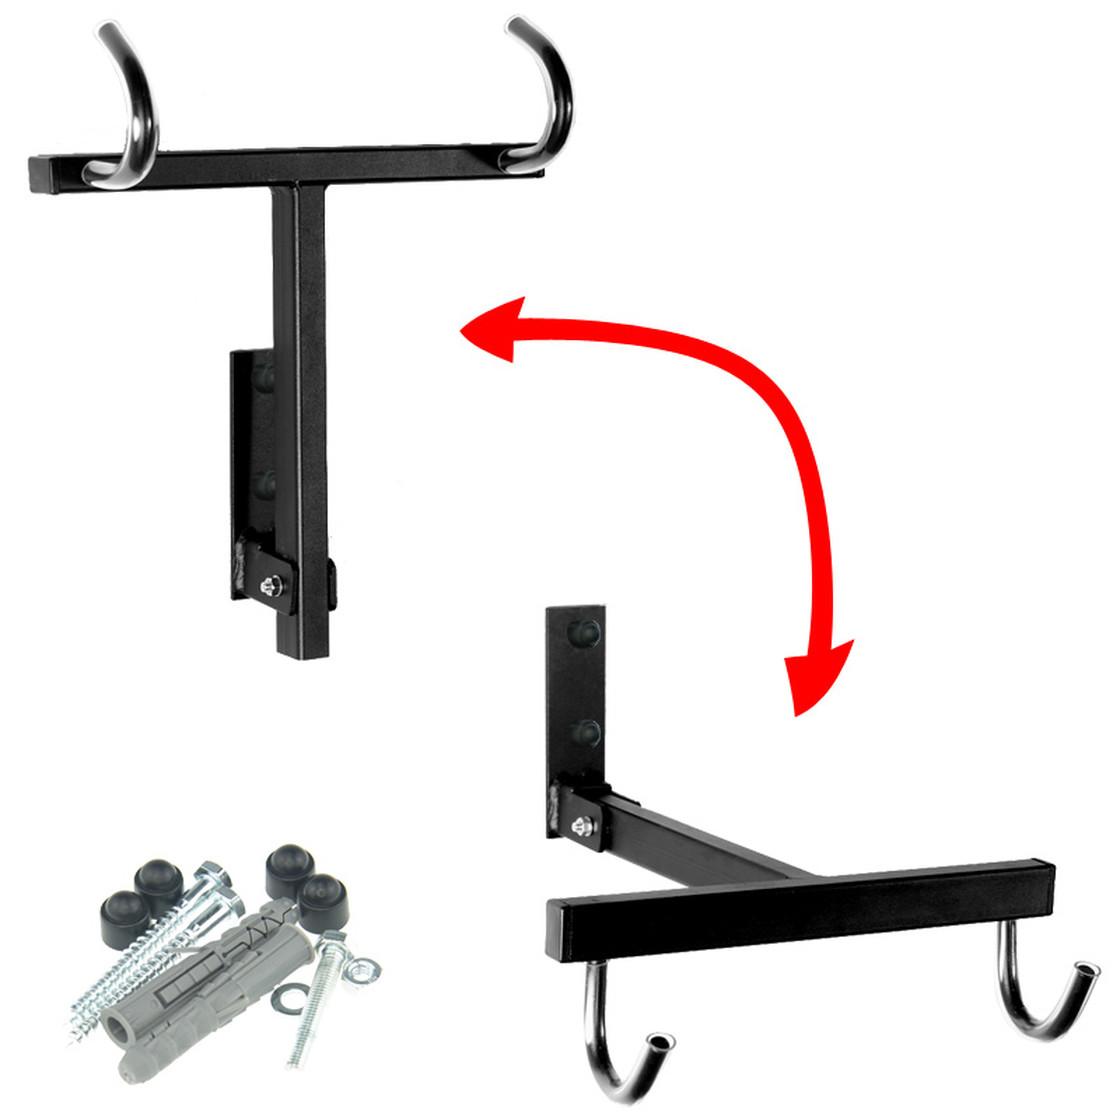 Fahrradhalter mit zubeh r schwarz g nstig online kaufen 14 49 - Wand fahrradhalter ...